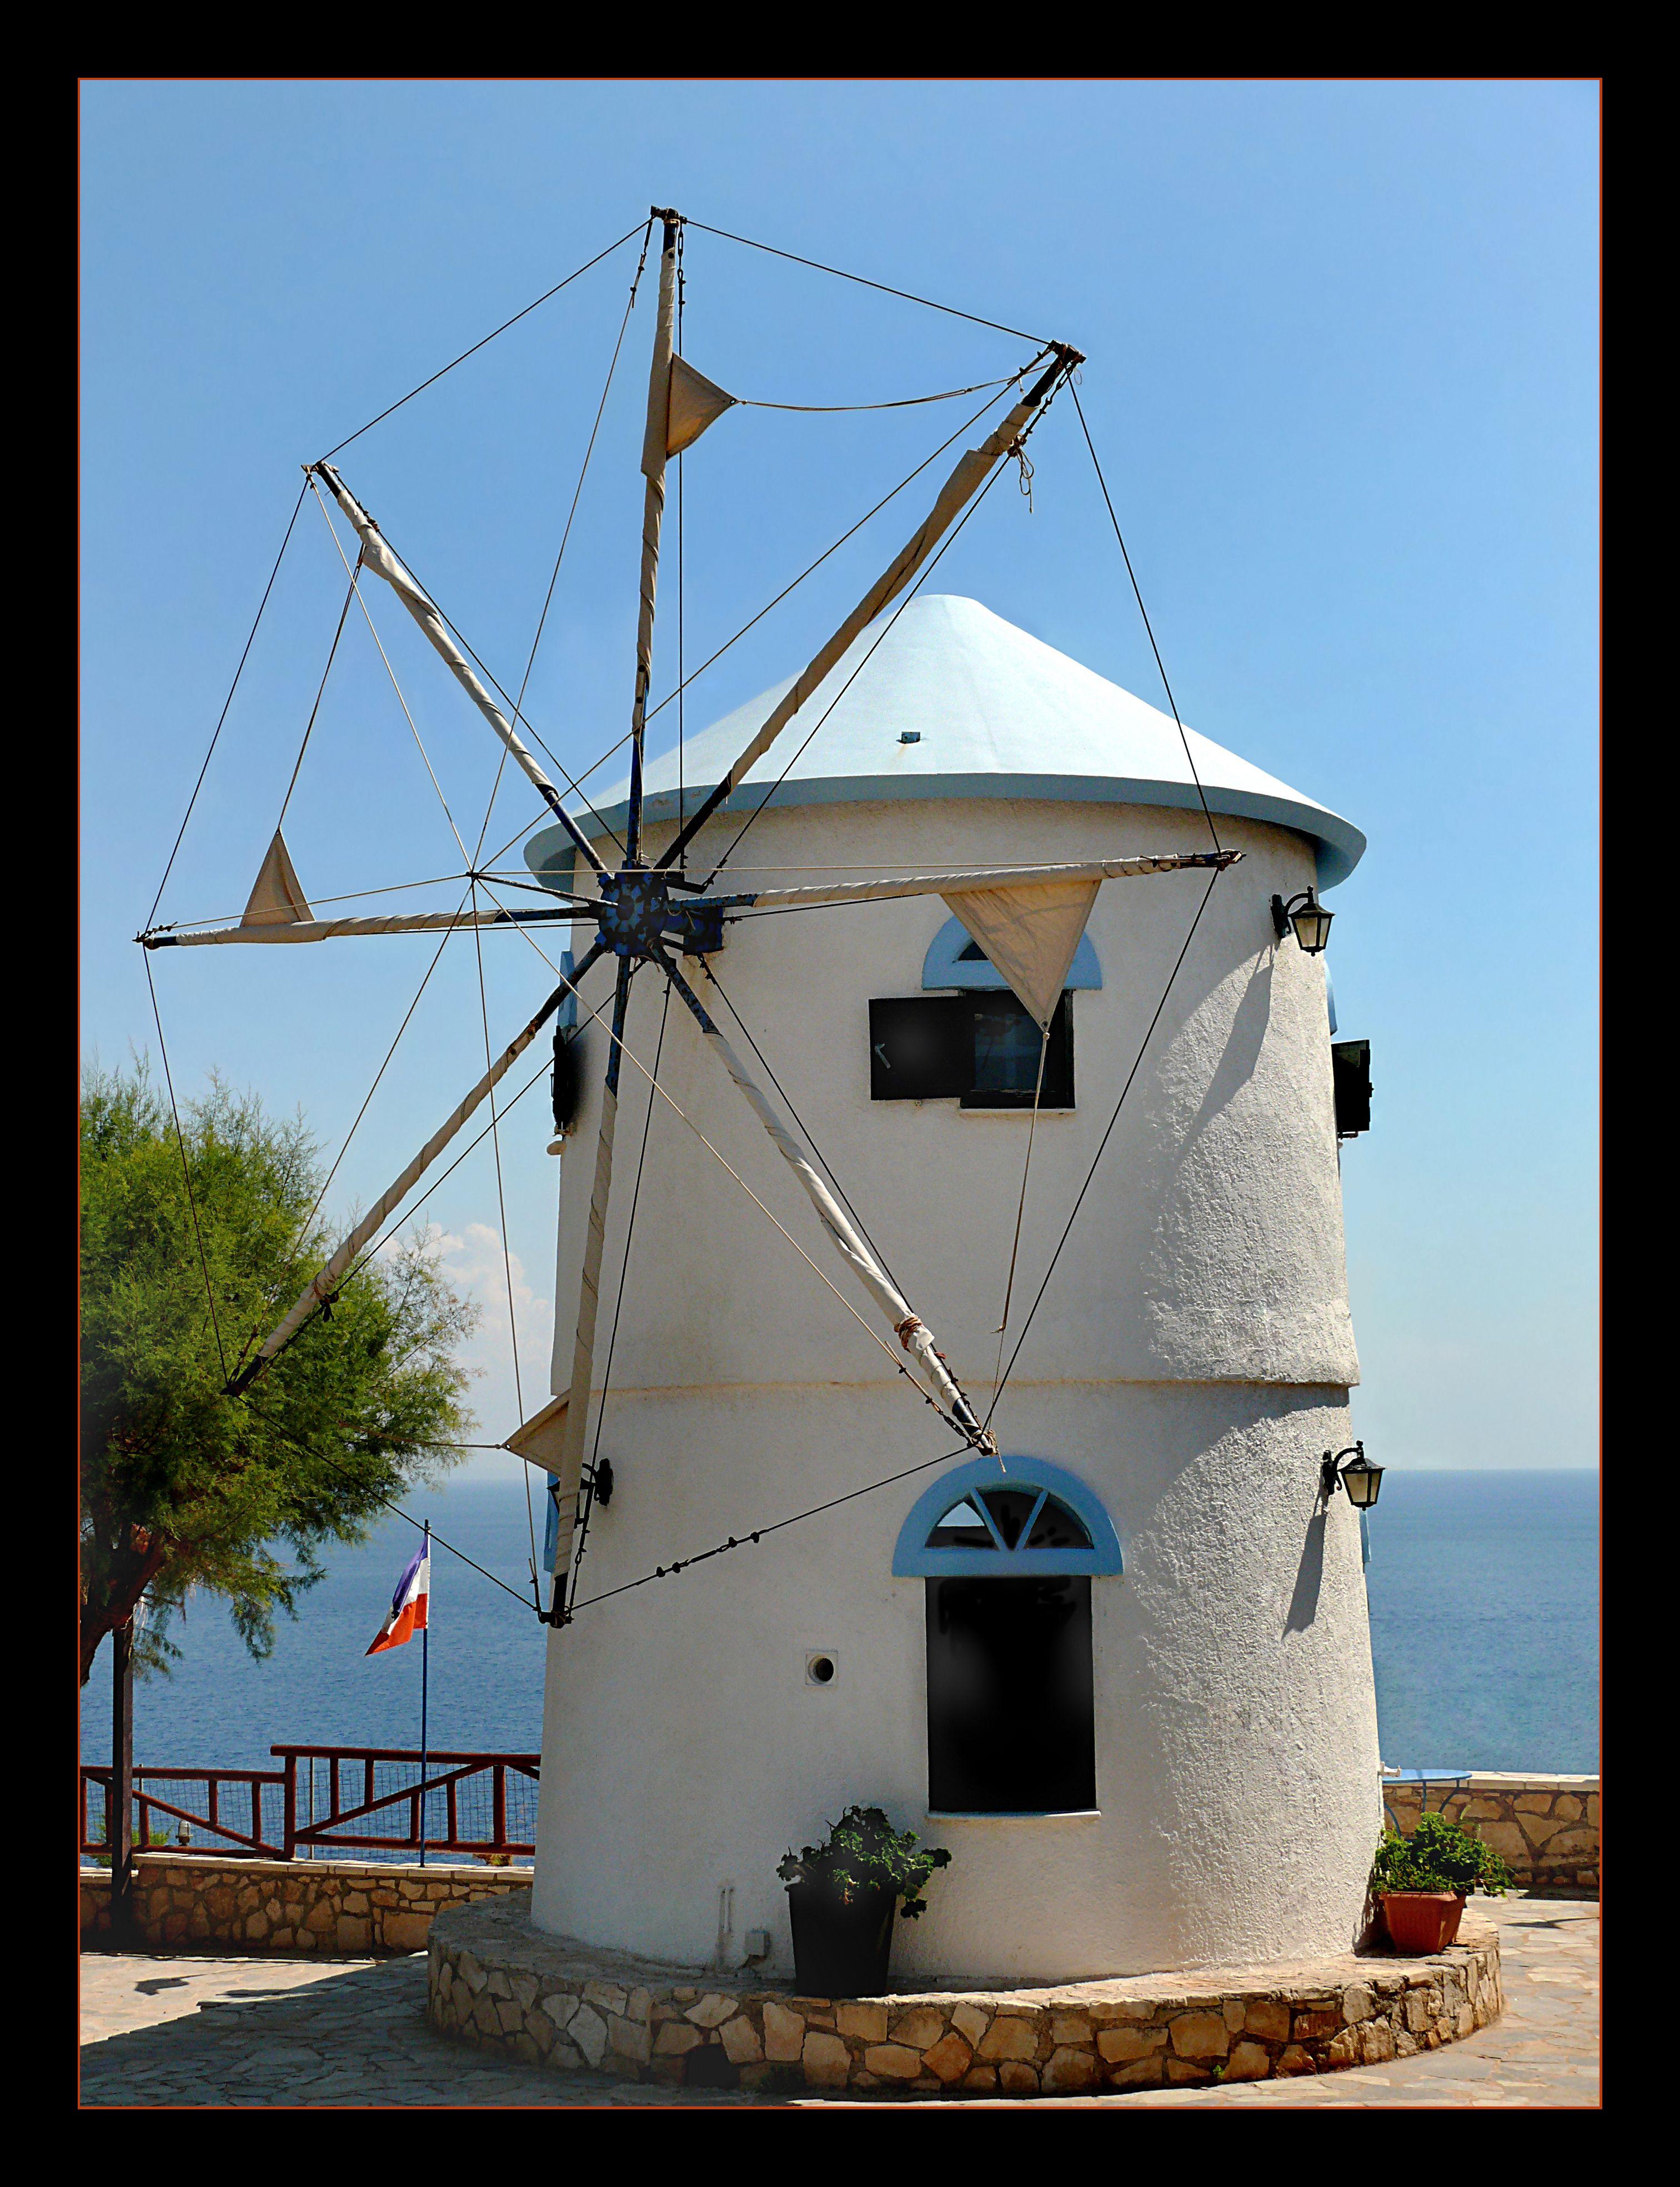 Zakynthos- where Matty and I stayed :)